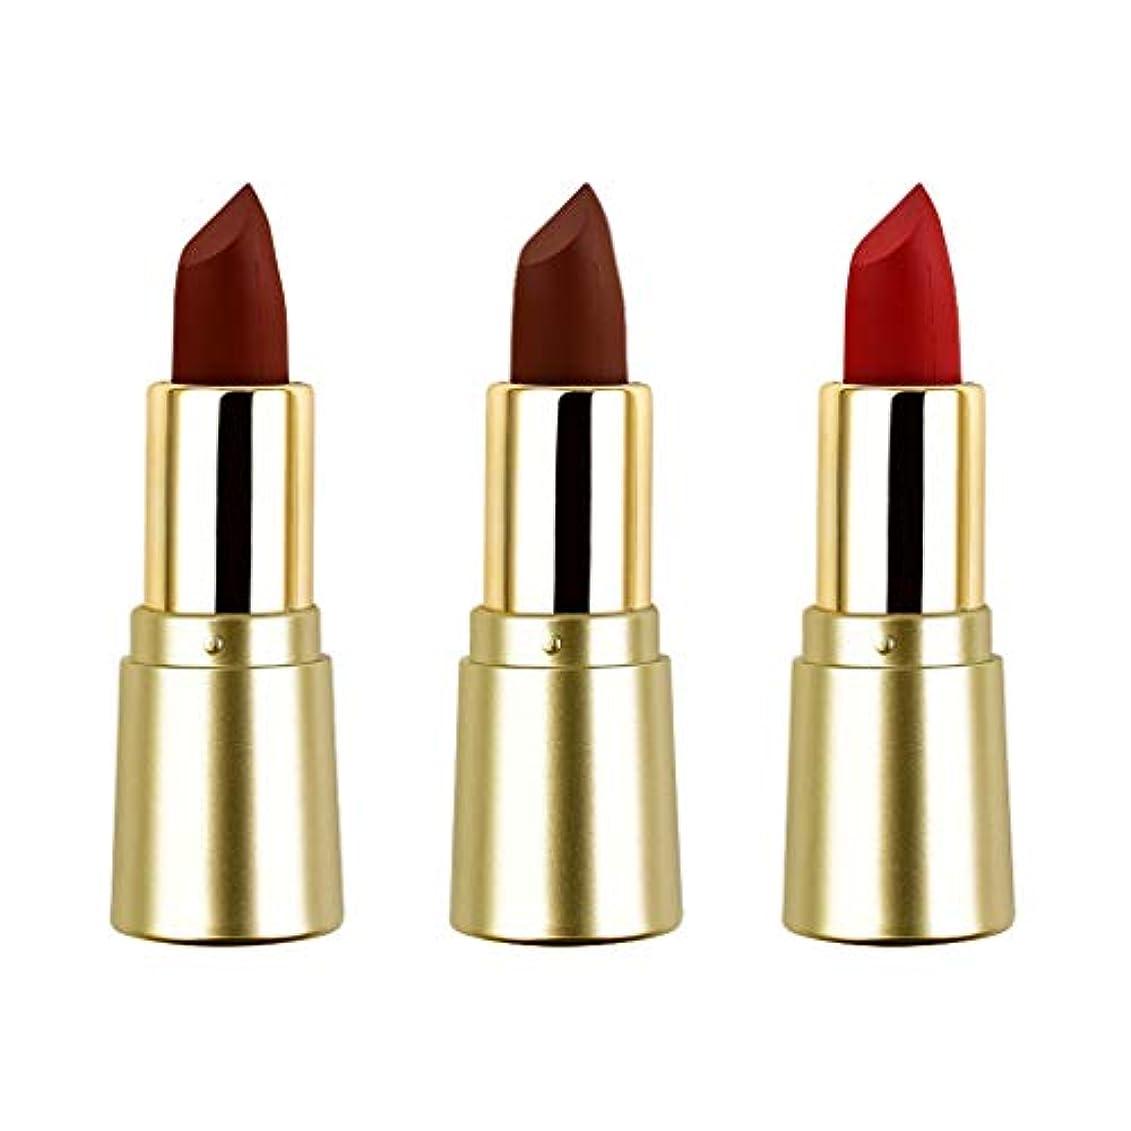 血まみれのピッチャーラッチT TOOYFUL リップスティック ミニマット 口紅セット かわいい 長持ち色 防水 化粧品 メイクアップ 3色セット